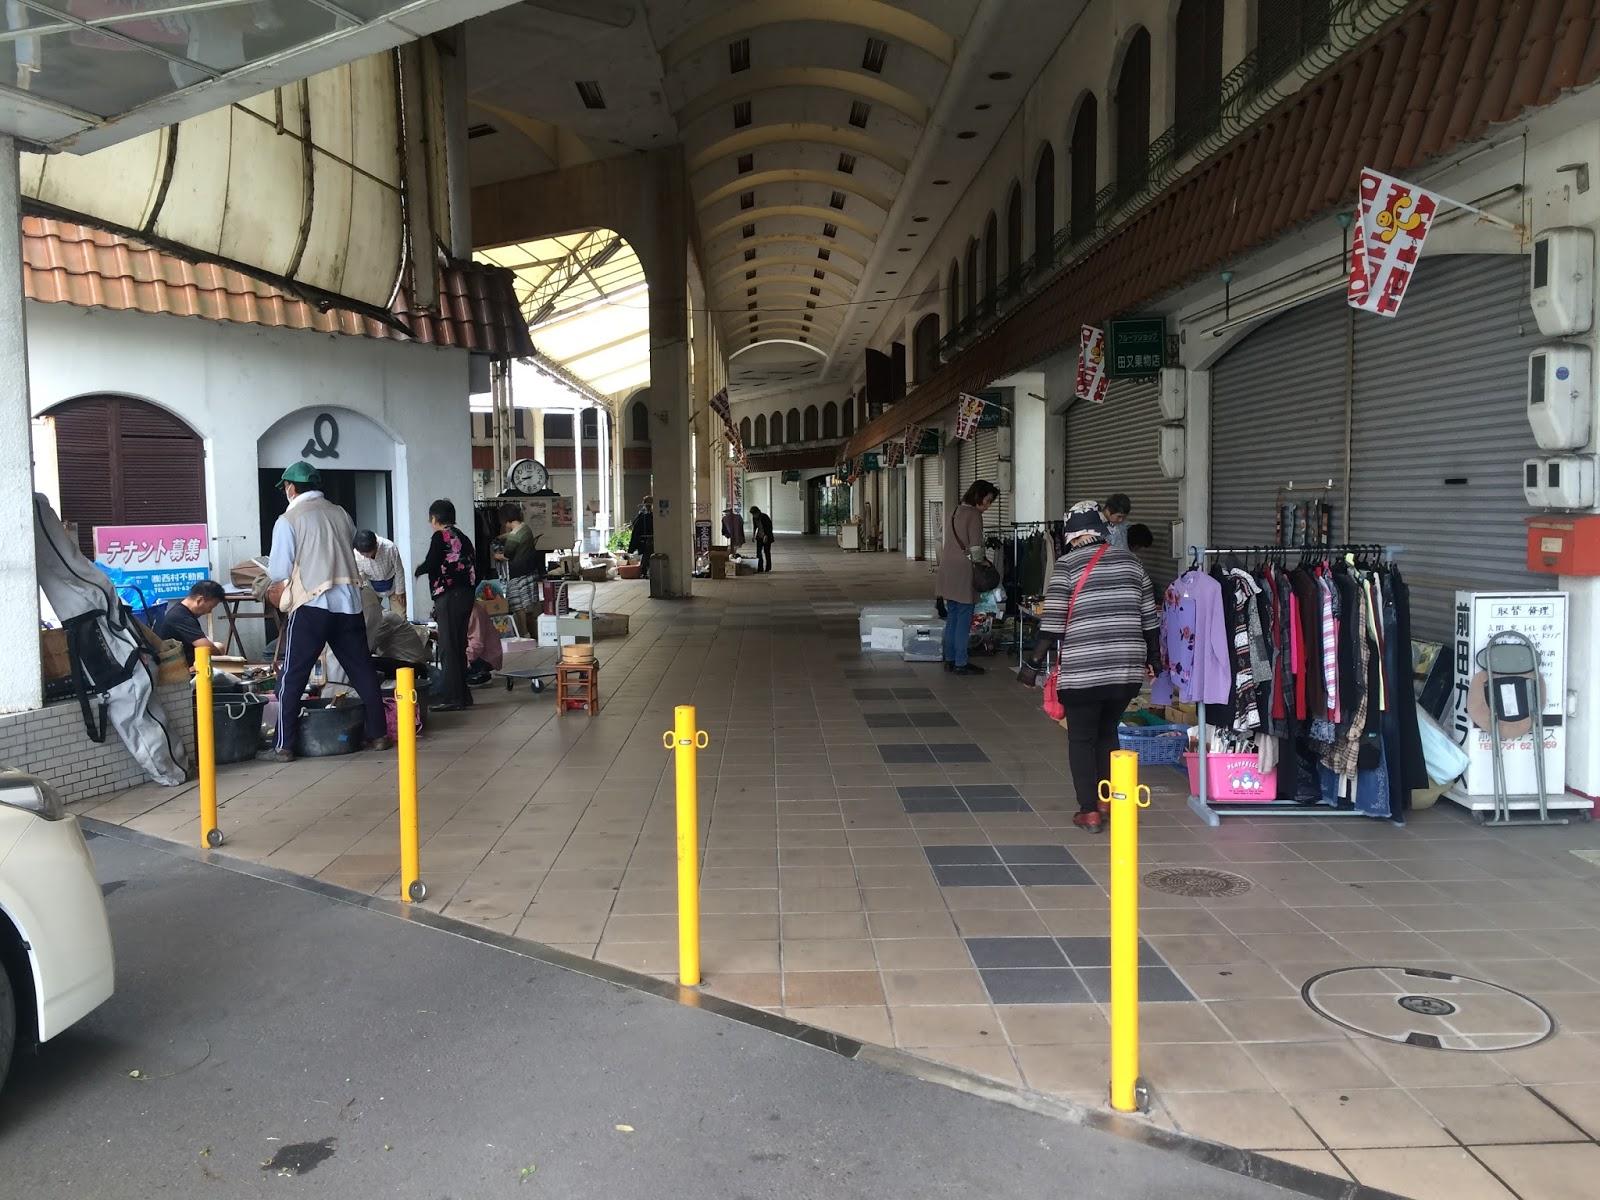 龍野ショッピング イベントblog: 2016年10月フリマとポケモンgo